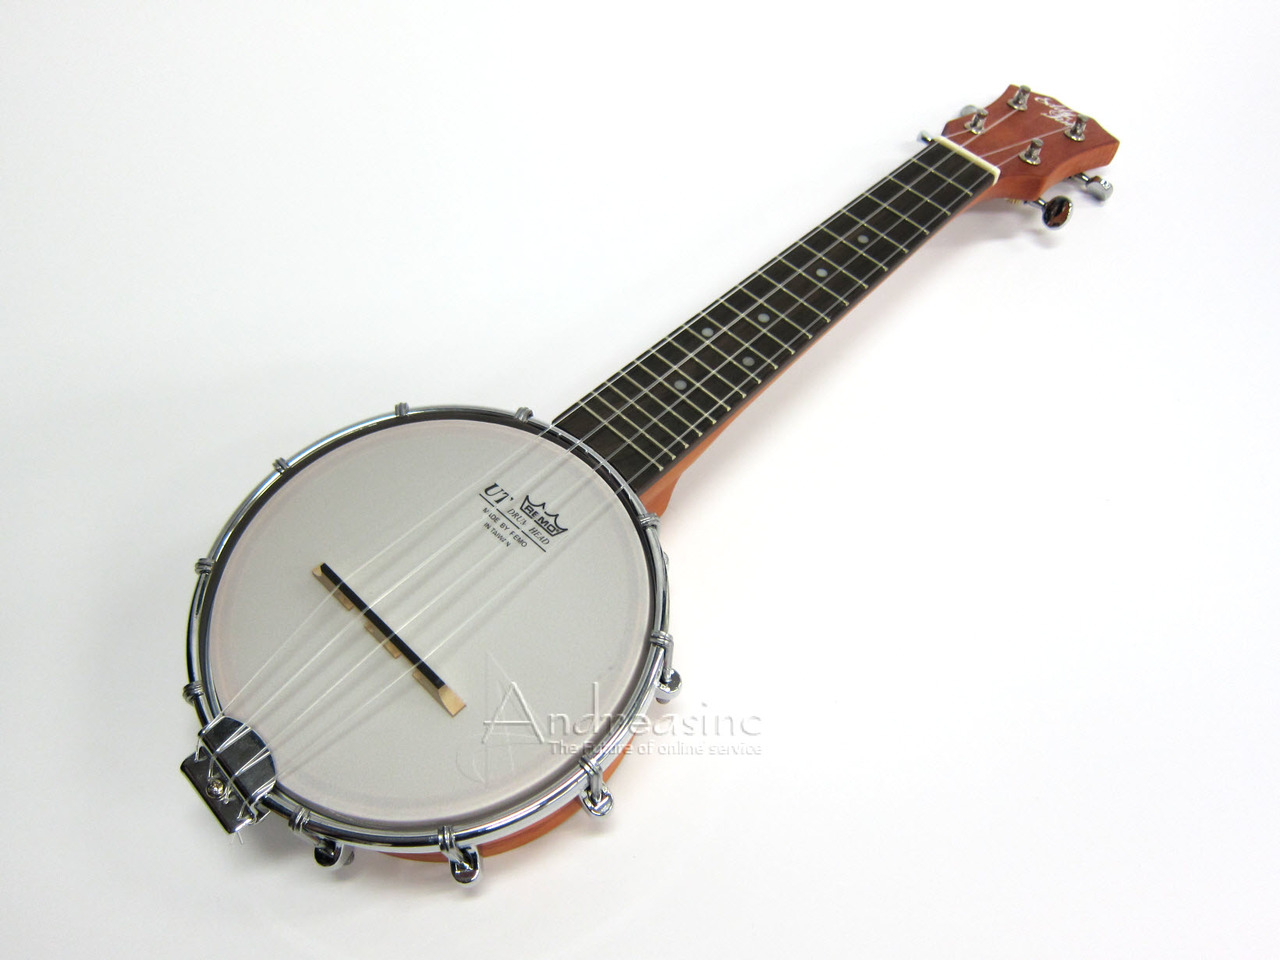 Eddy Finn Banjo Soprano Ukulele Banjo w  Gig Bag by Eddy Finn